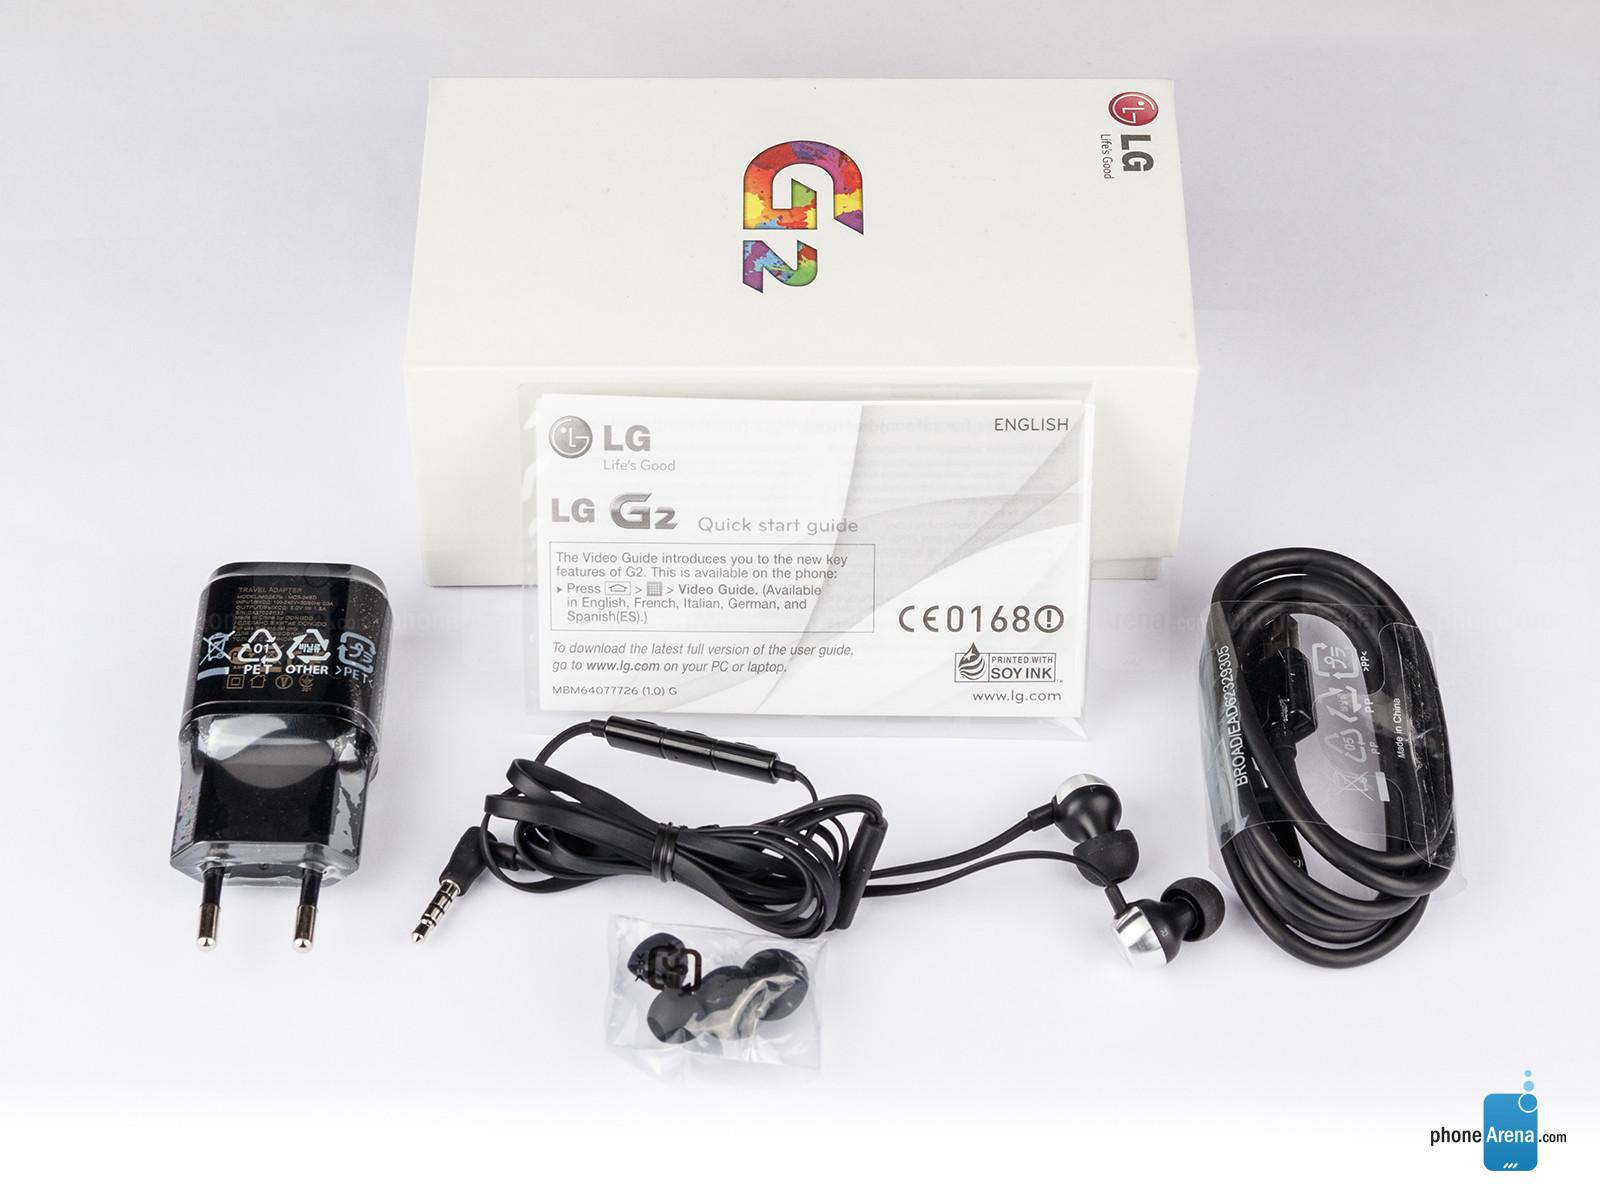 LG-G2-imag2e1s